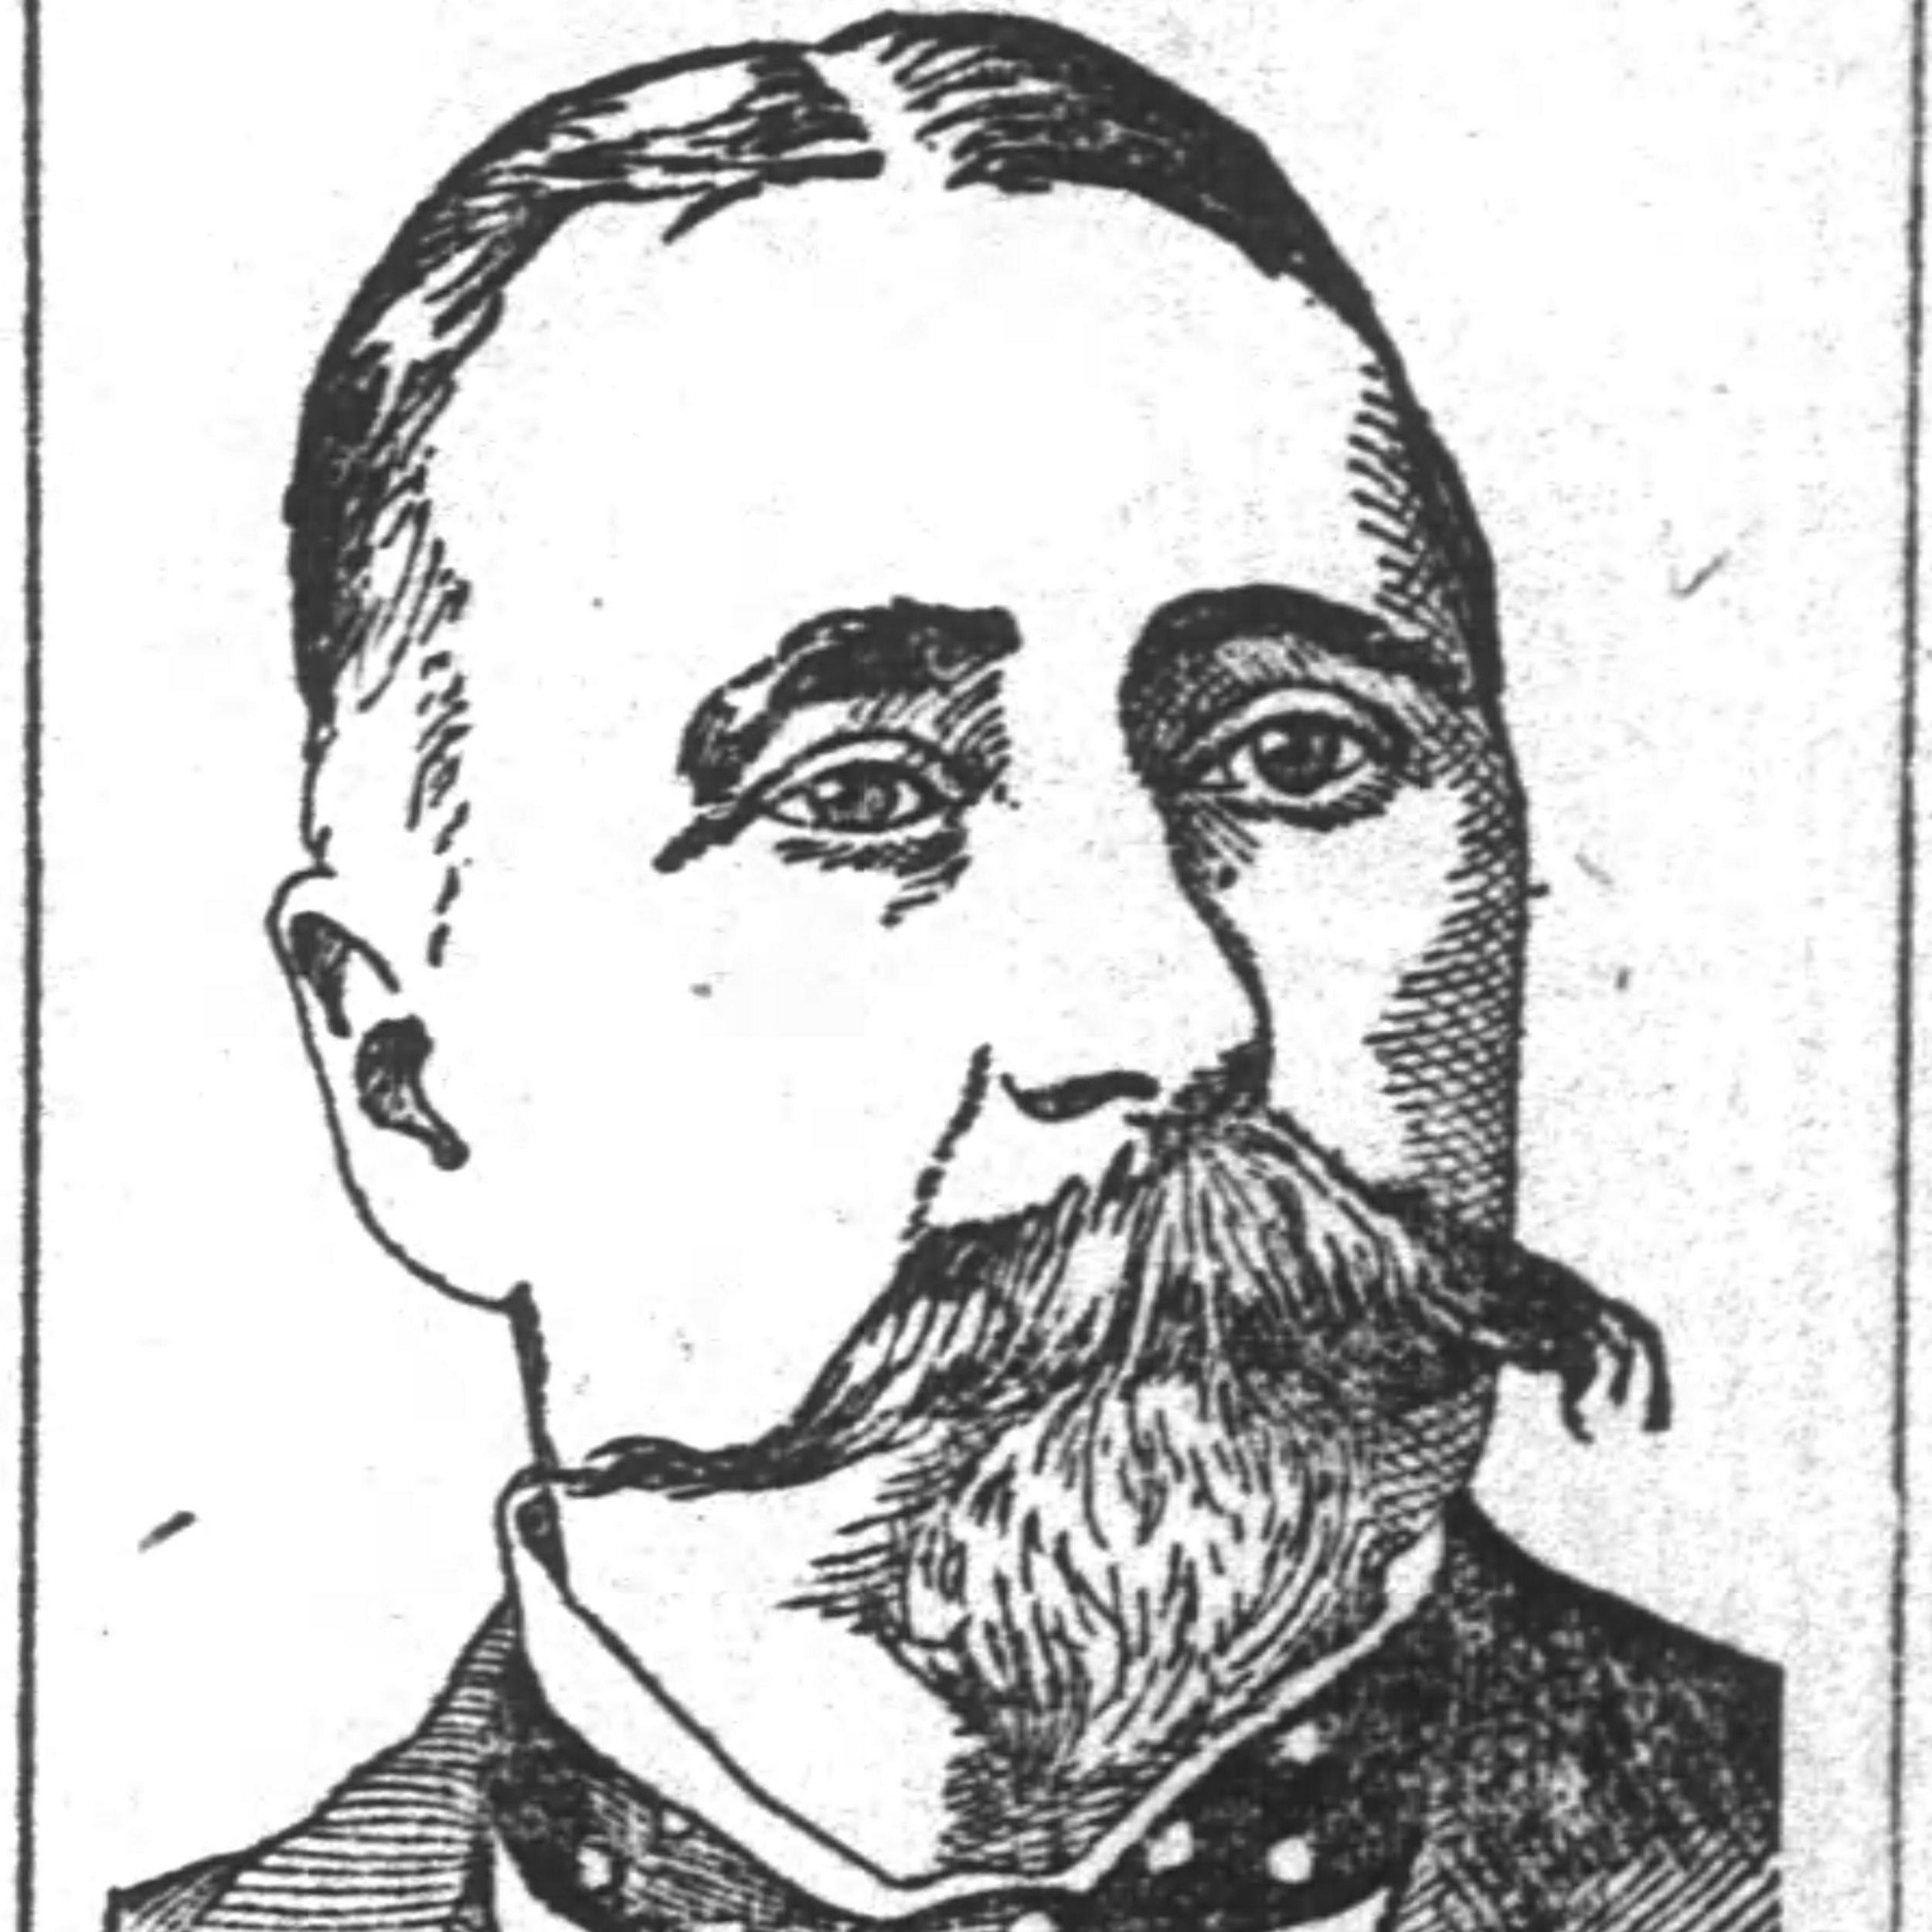 Lt. Colonel John I. Kendall, F&S, General Walthall's Brigade, CSA